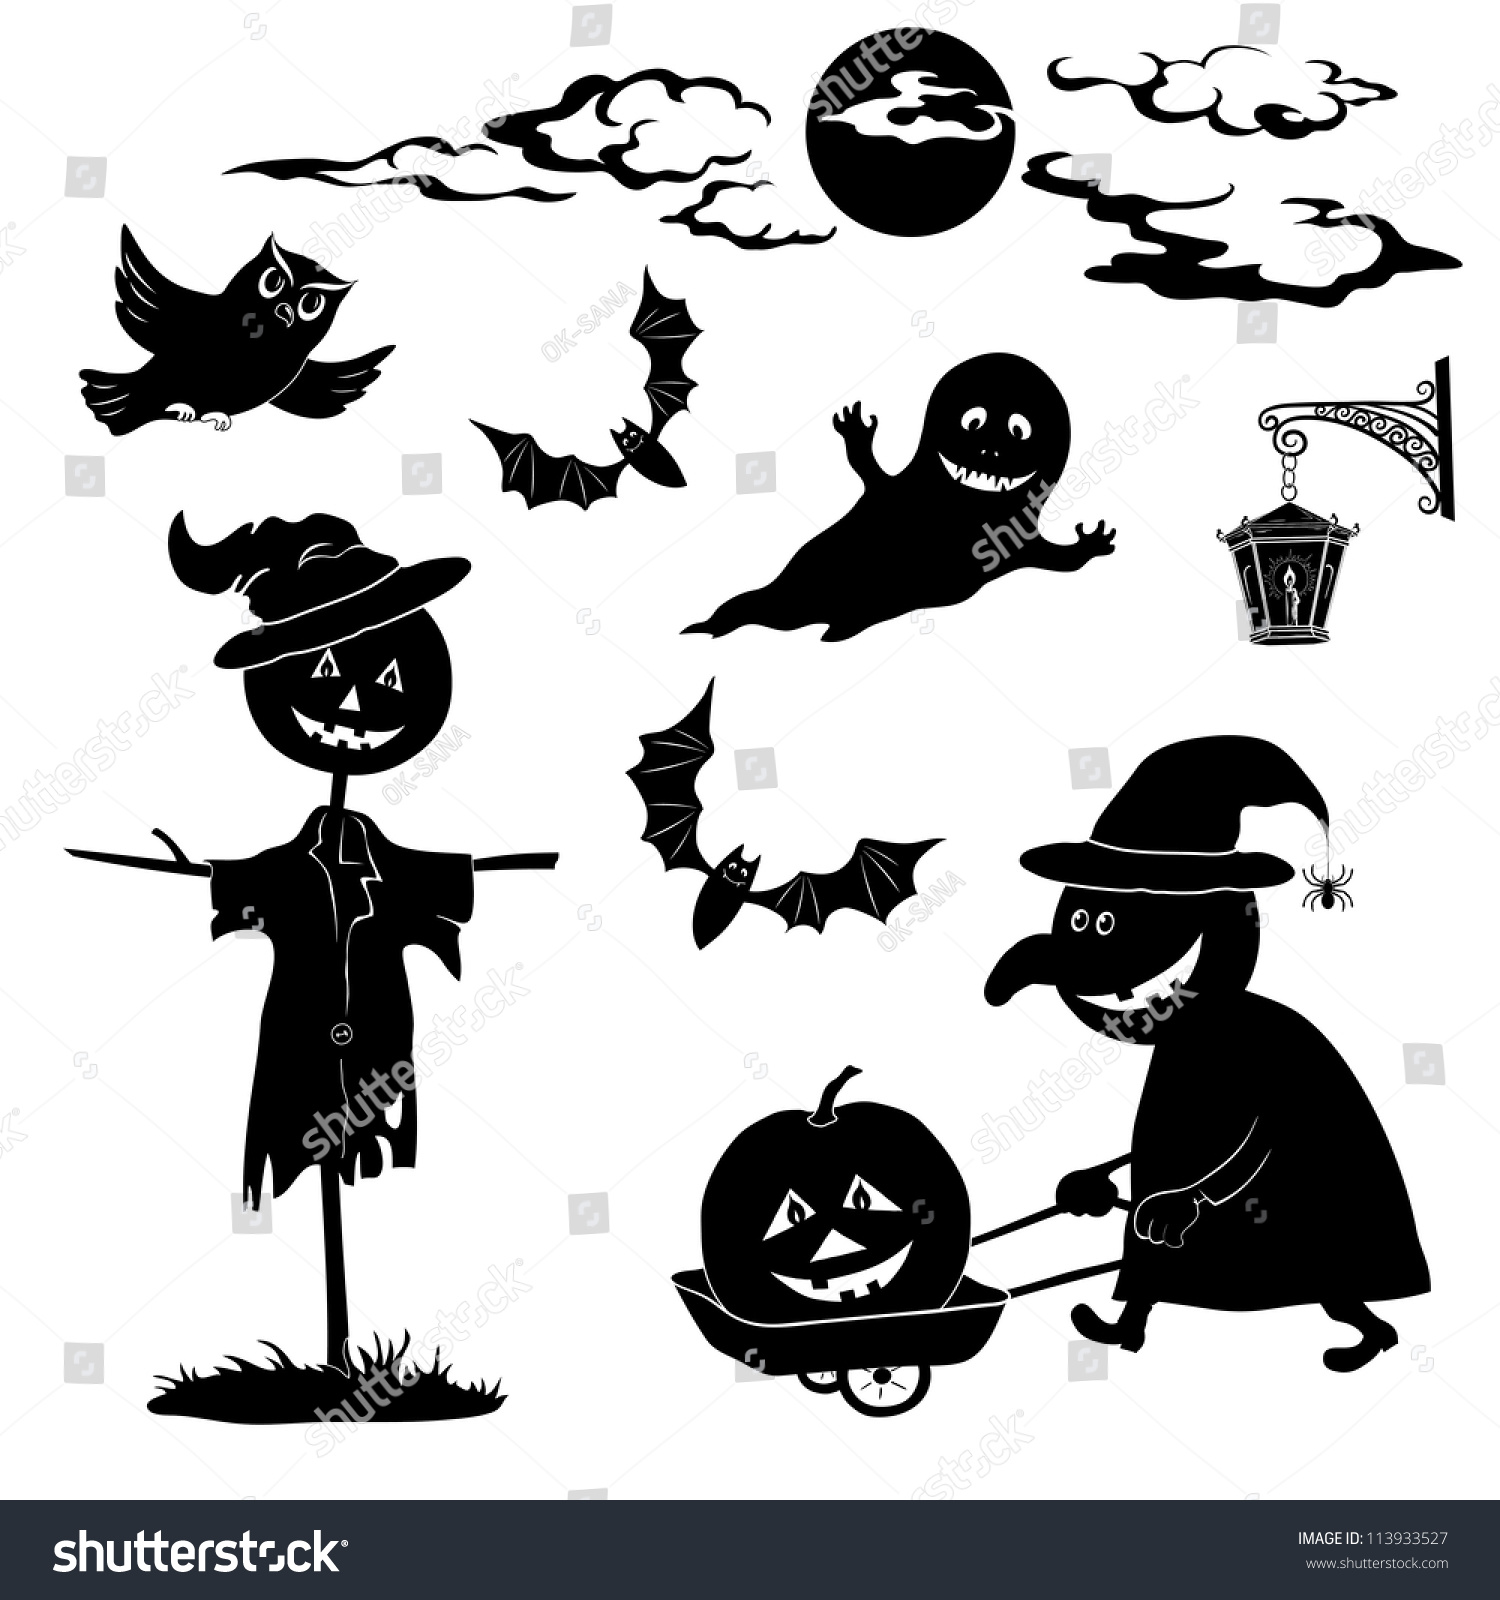 halloween cartoon set black silhouette on stock illustration